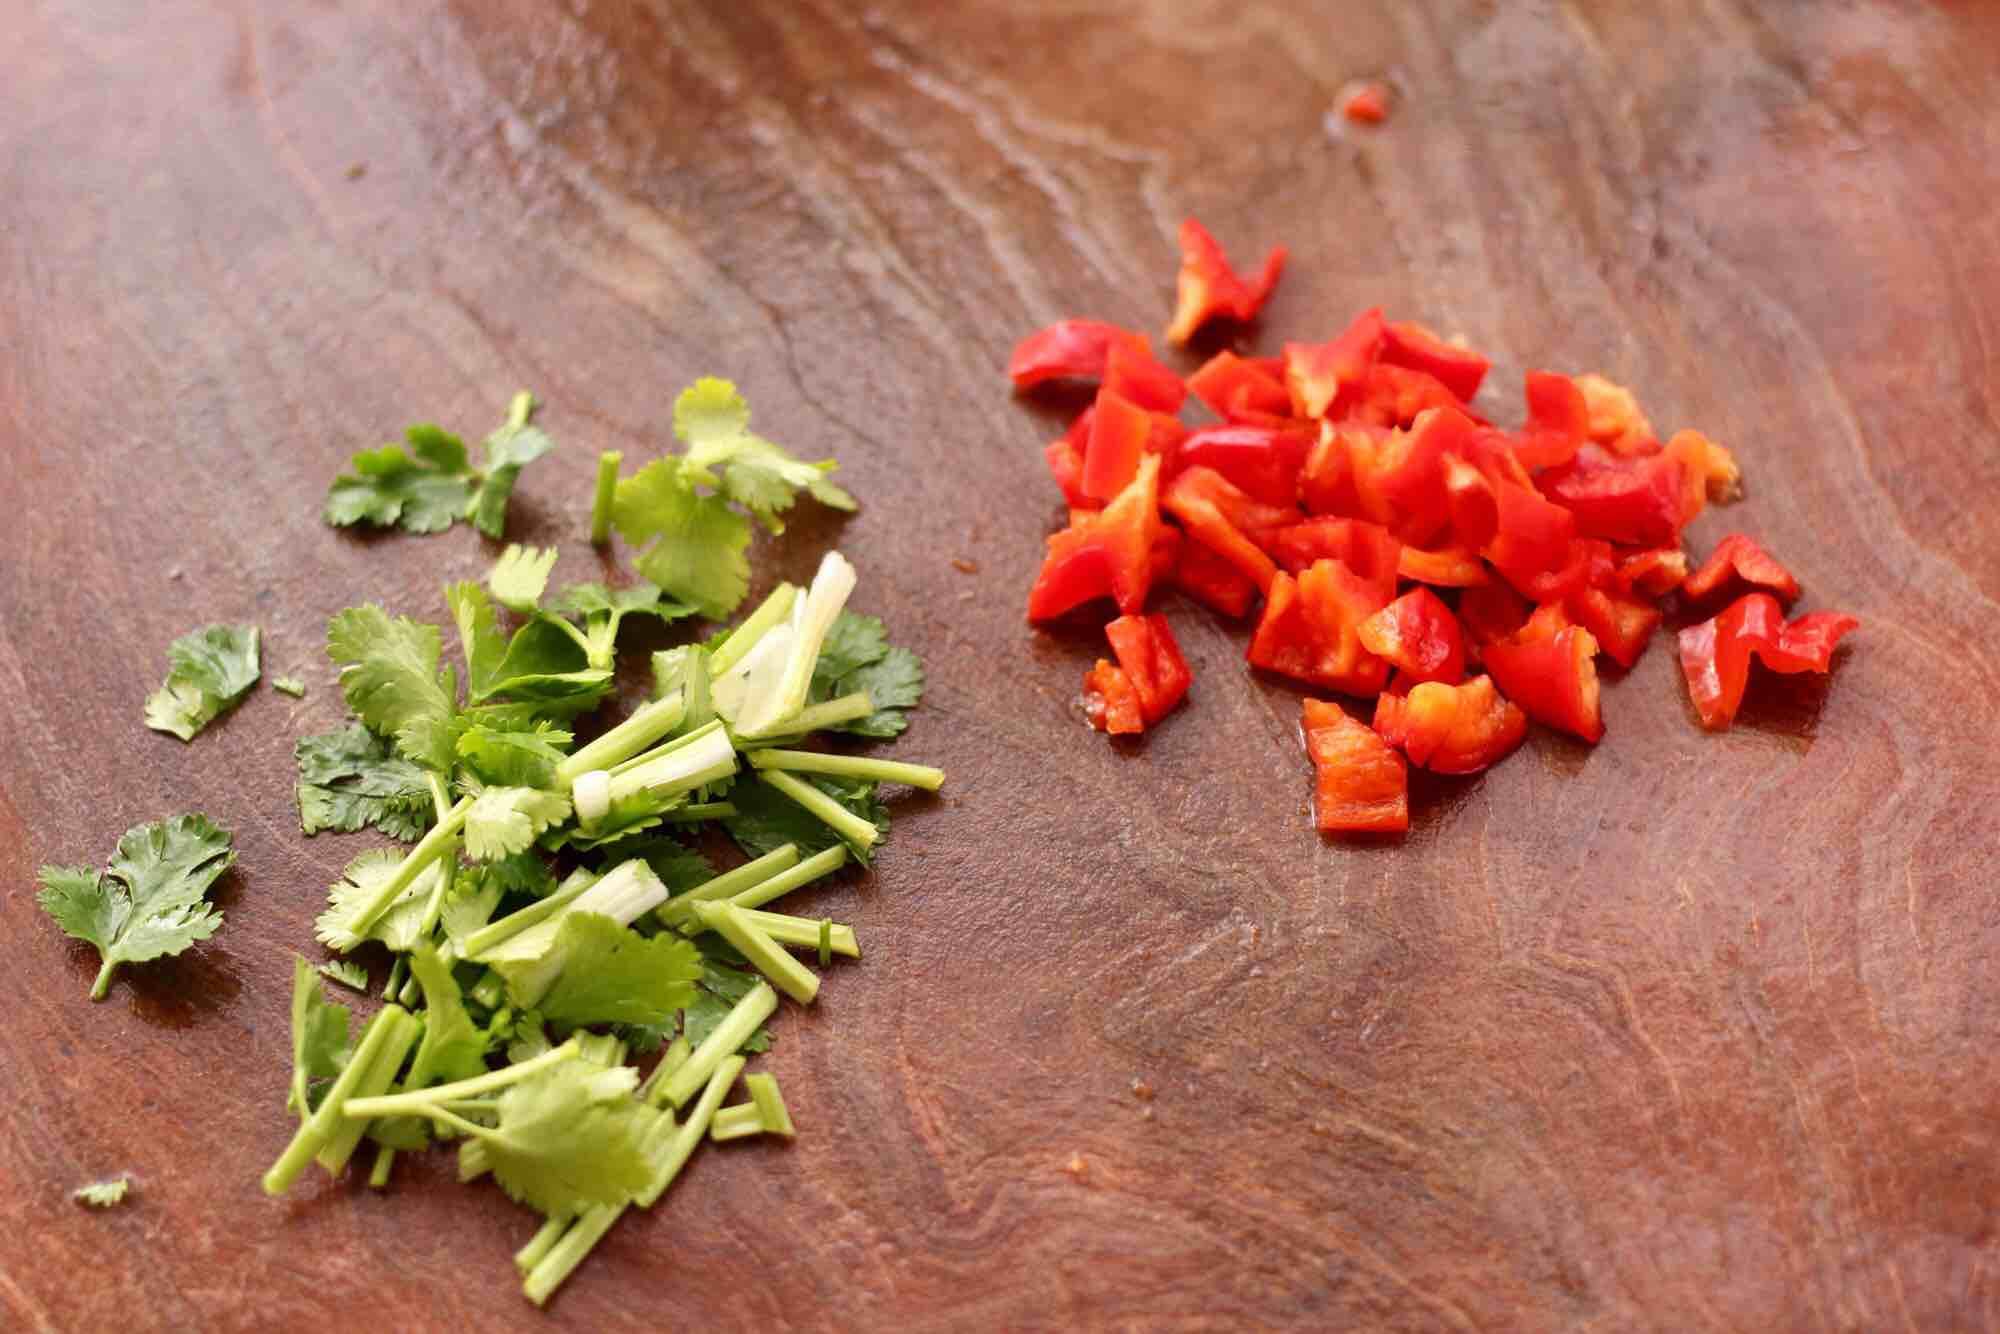 花生米拌红根菠菜的做法图解